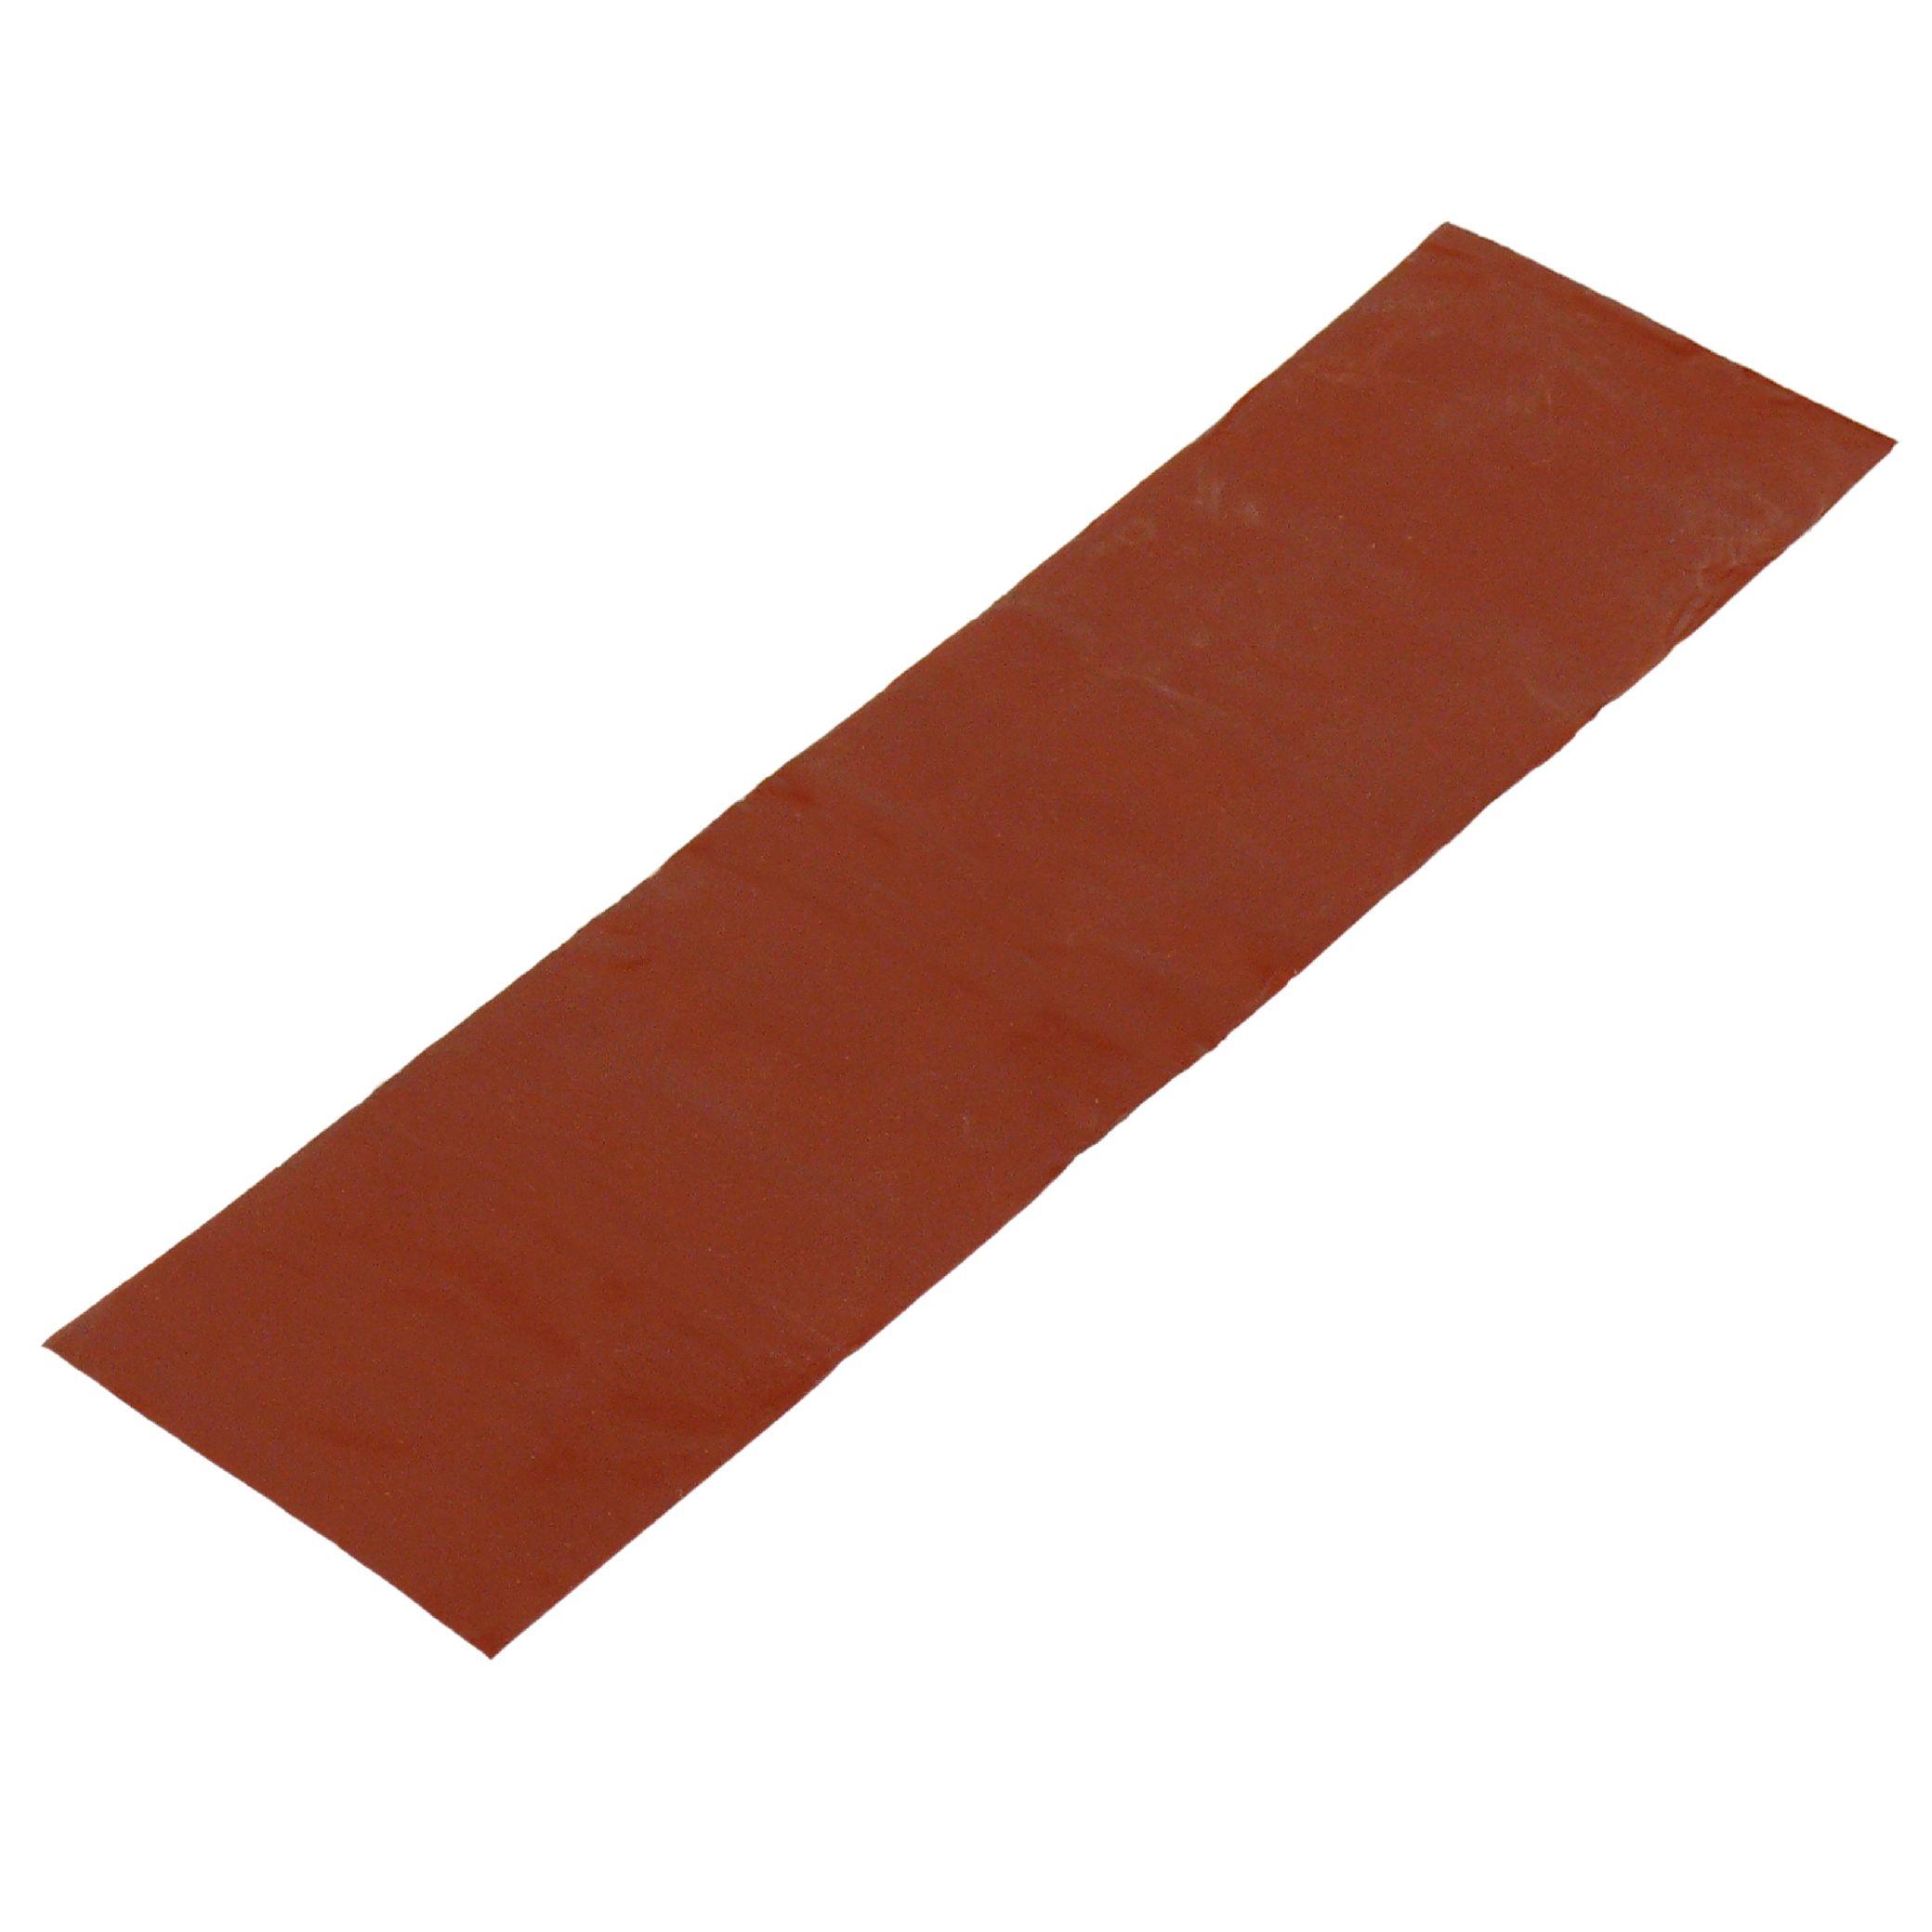 1 Stk SAT Dichtungsband 60x8cm, UV-beständig, -40 bis +80°C, rot HSATMZZ01R